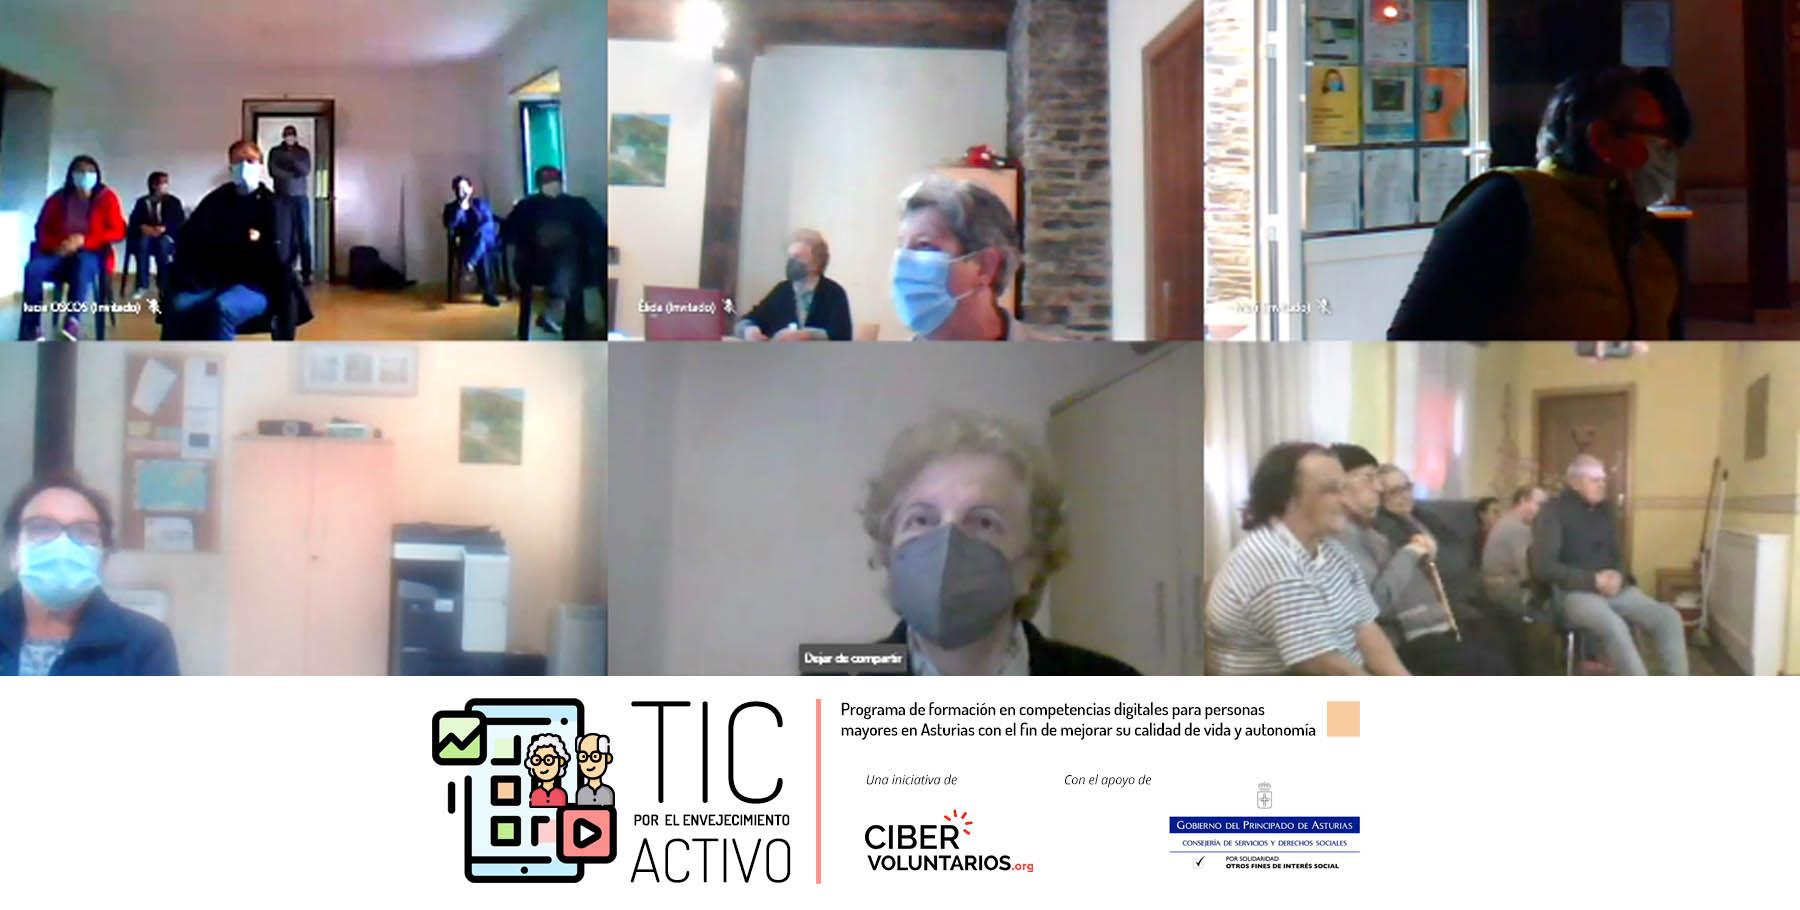 Cómo hacer una videollamada y disfrutar del ocio online: Nueva ciberformación para personas mayores en Asturias